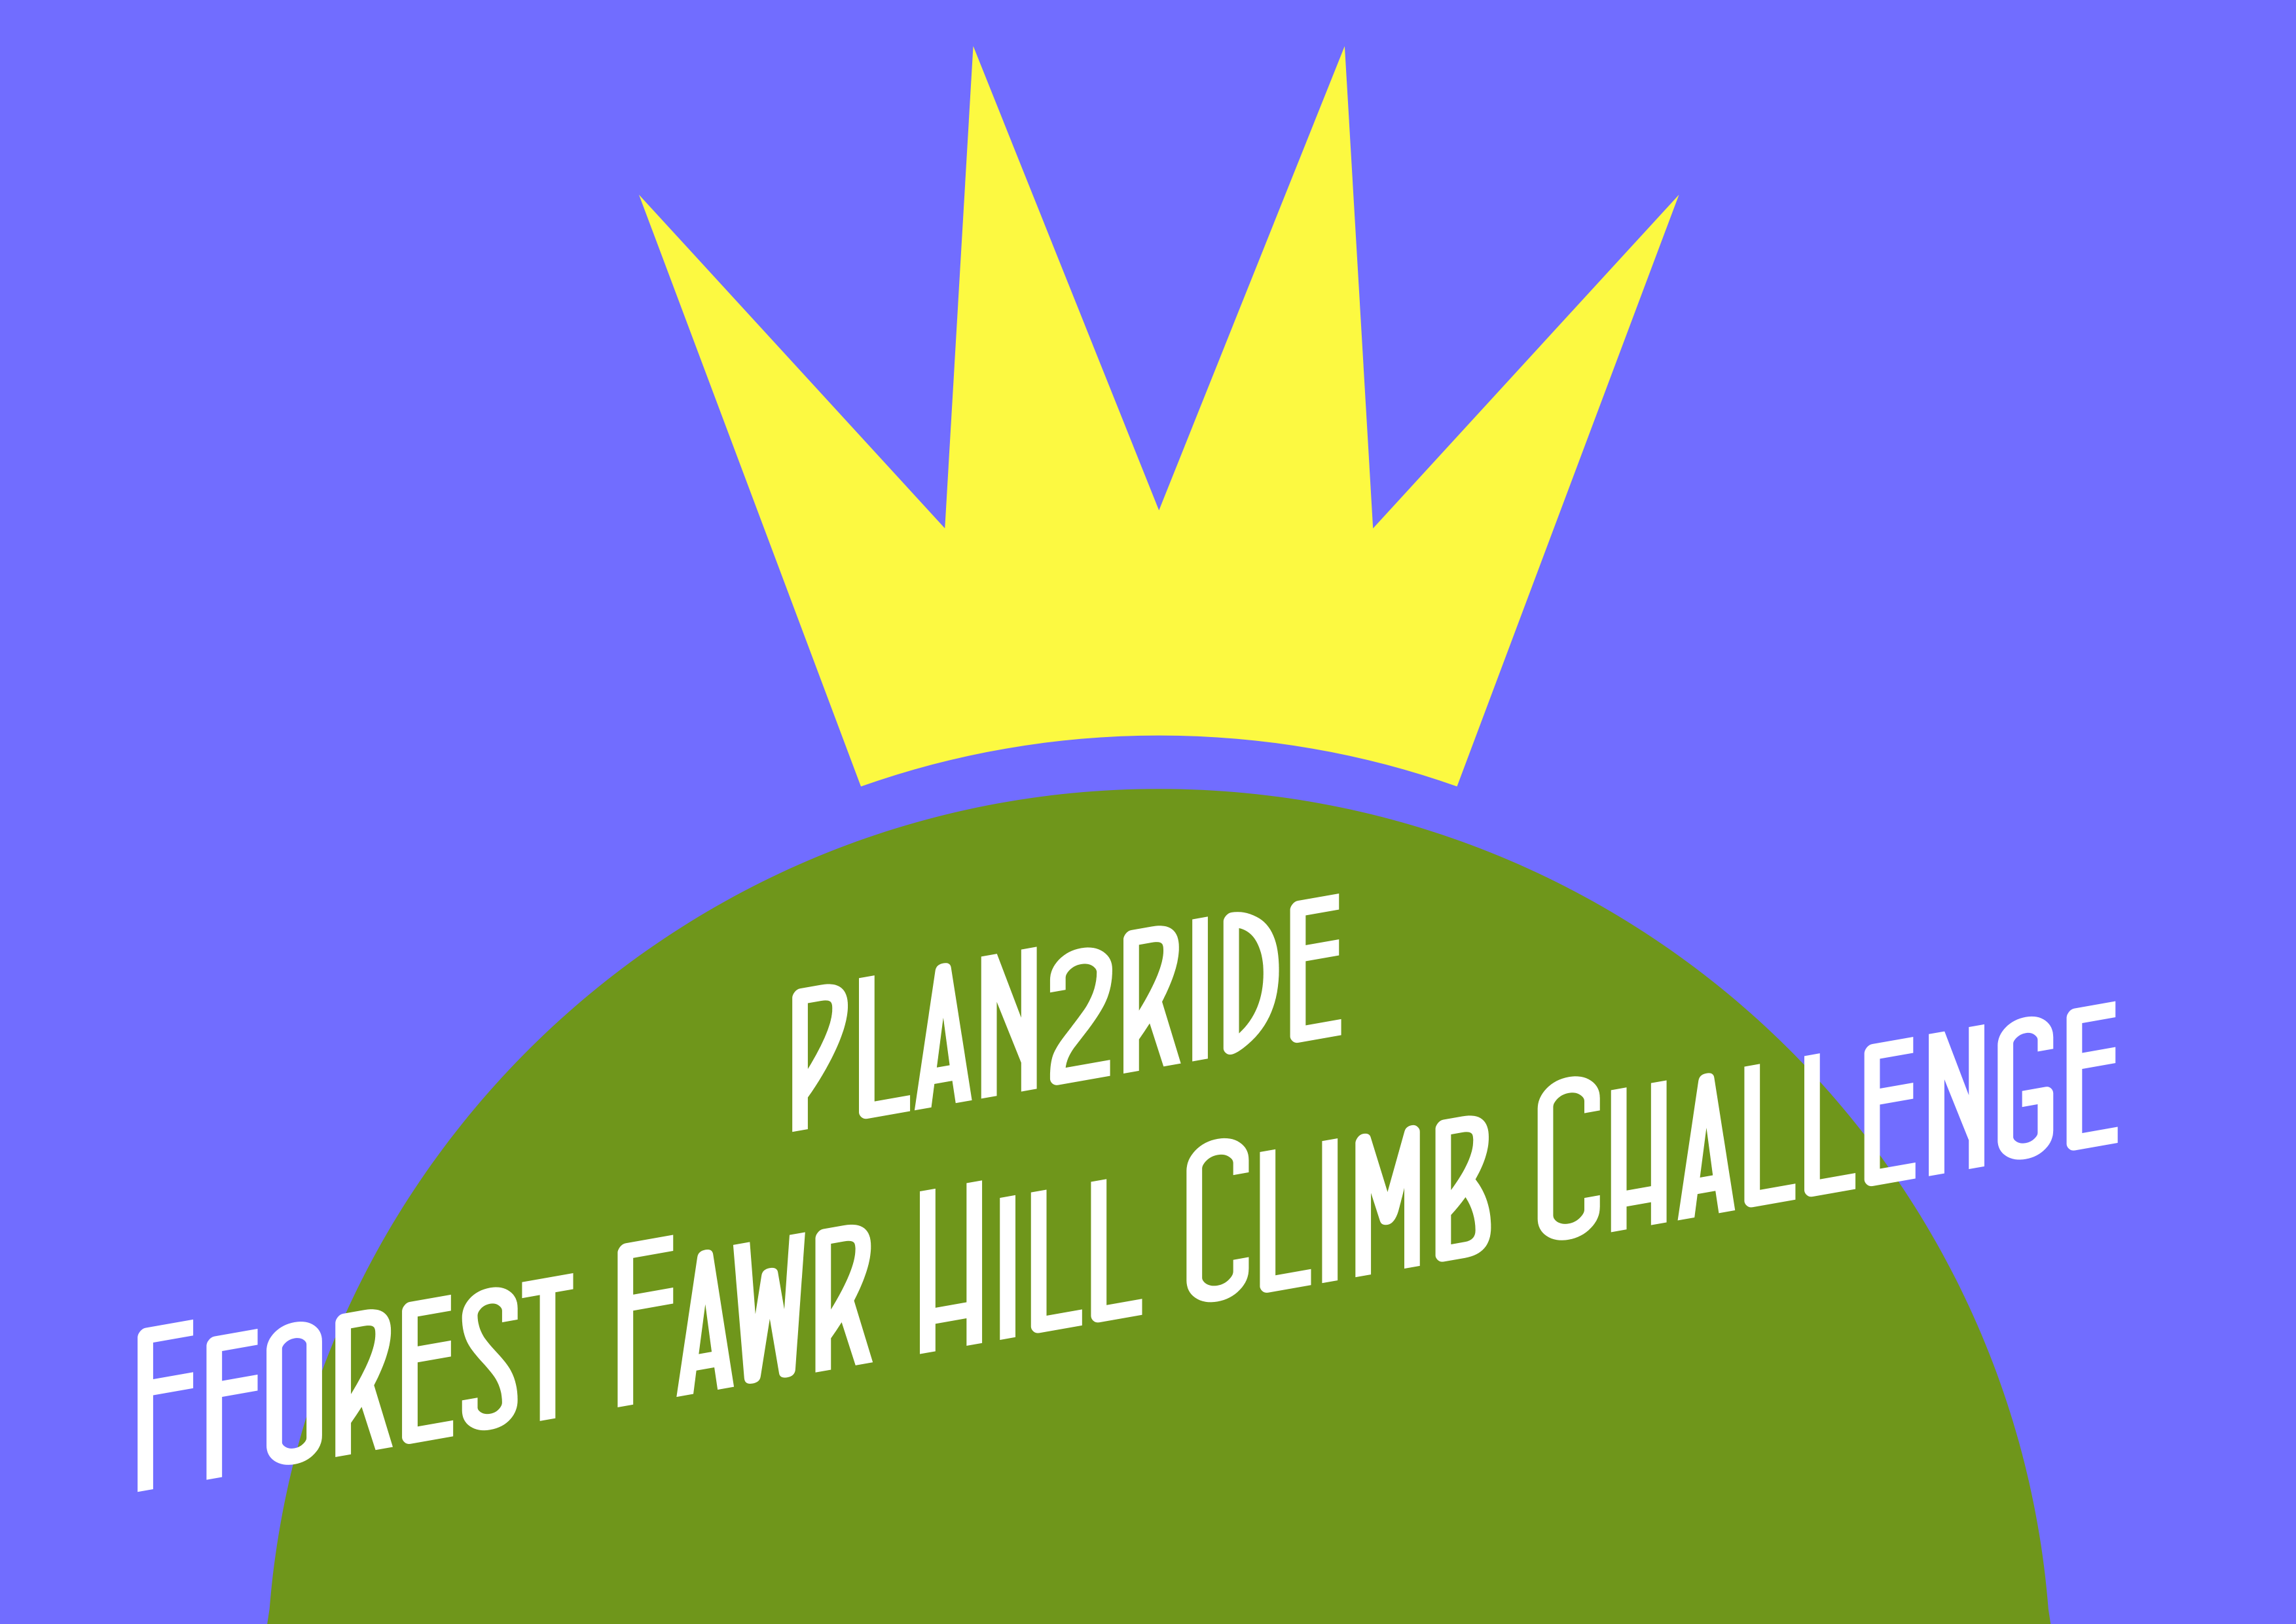 Fforest Fawr hill climb challenge header